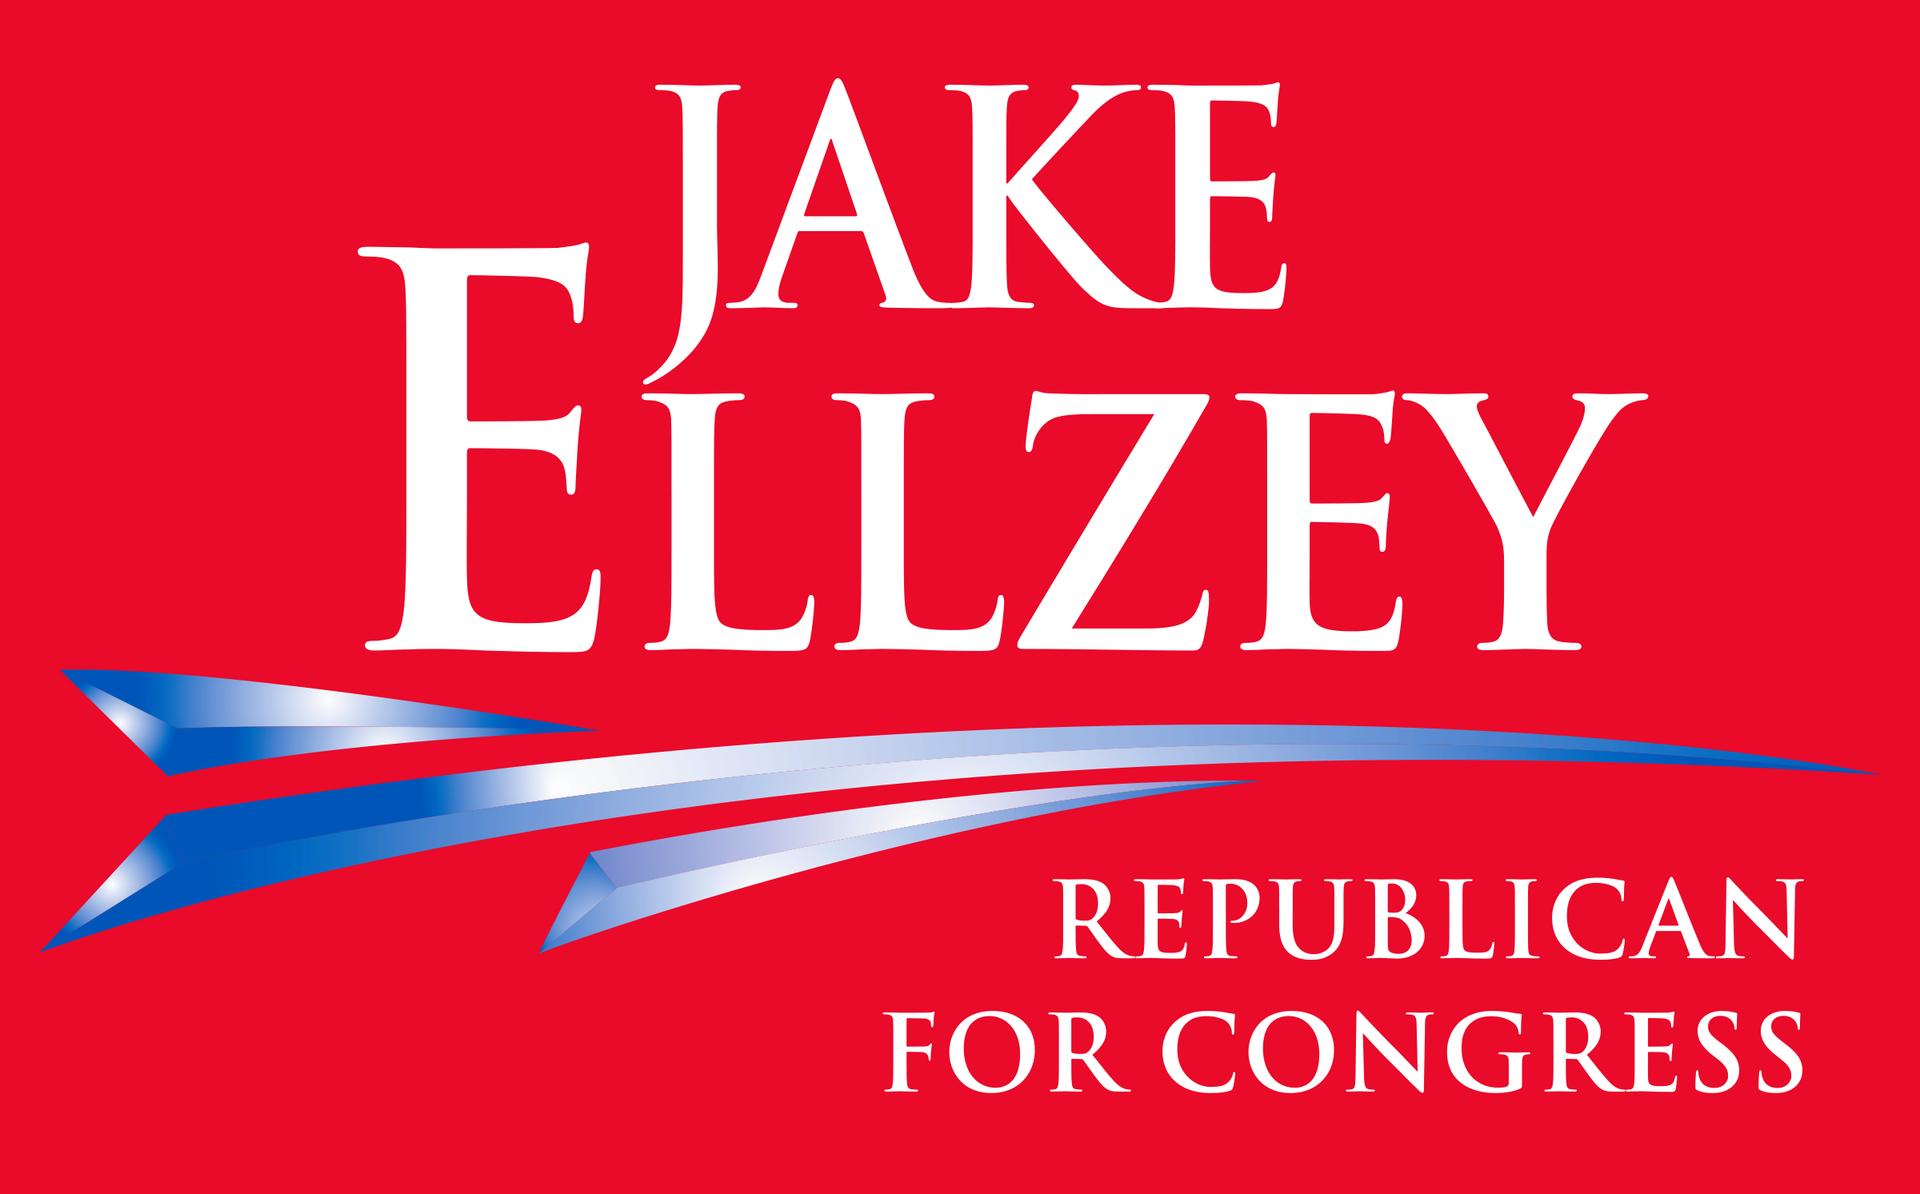 Ellzey congress logo 1